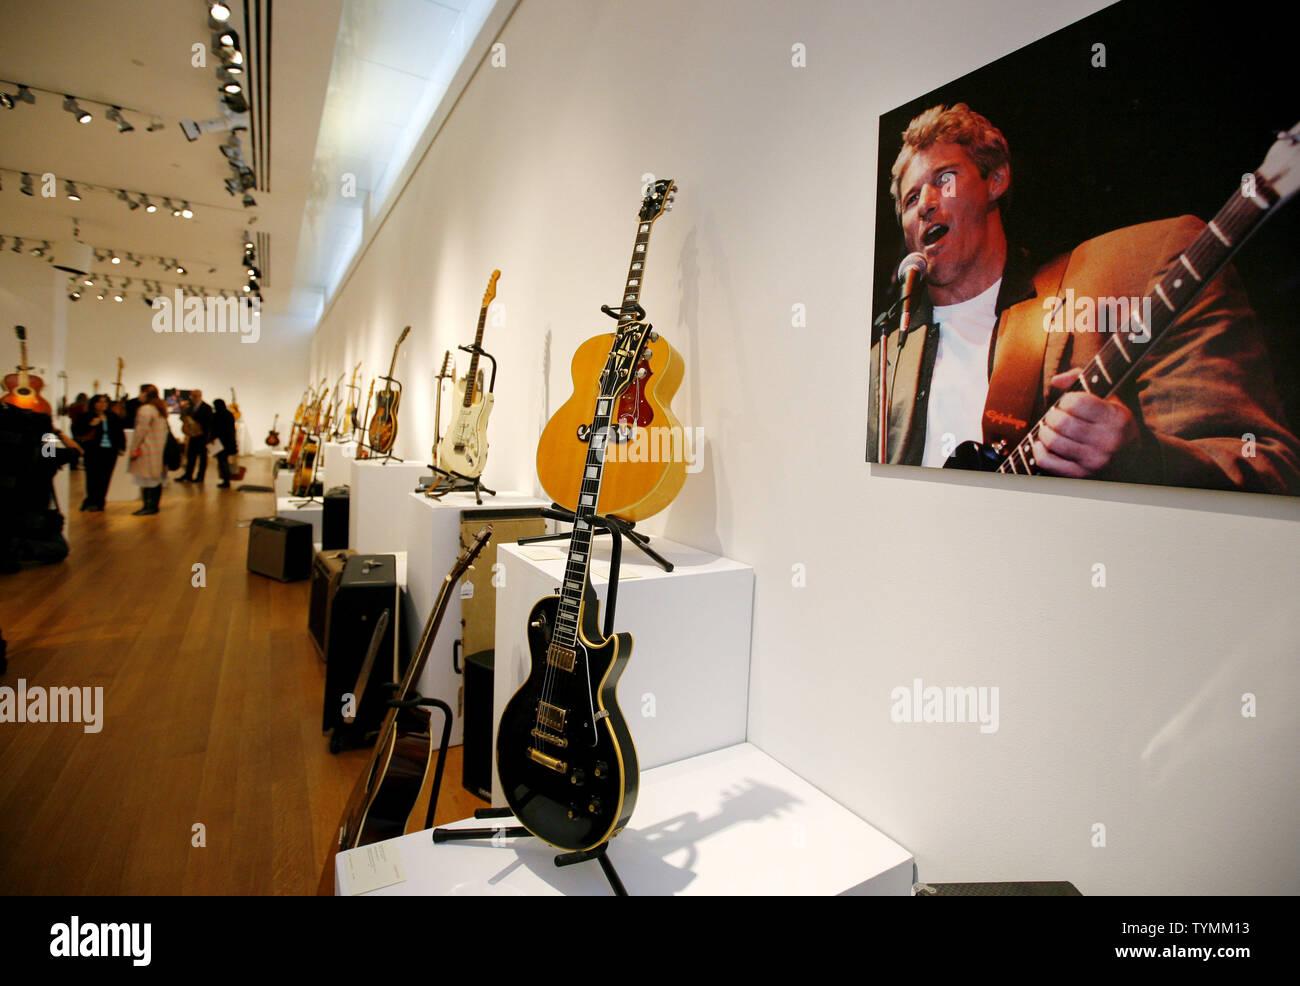 incontri chitarre Gibson Vintage appuntamenti di velocità per i professionisti neri a Londra